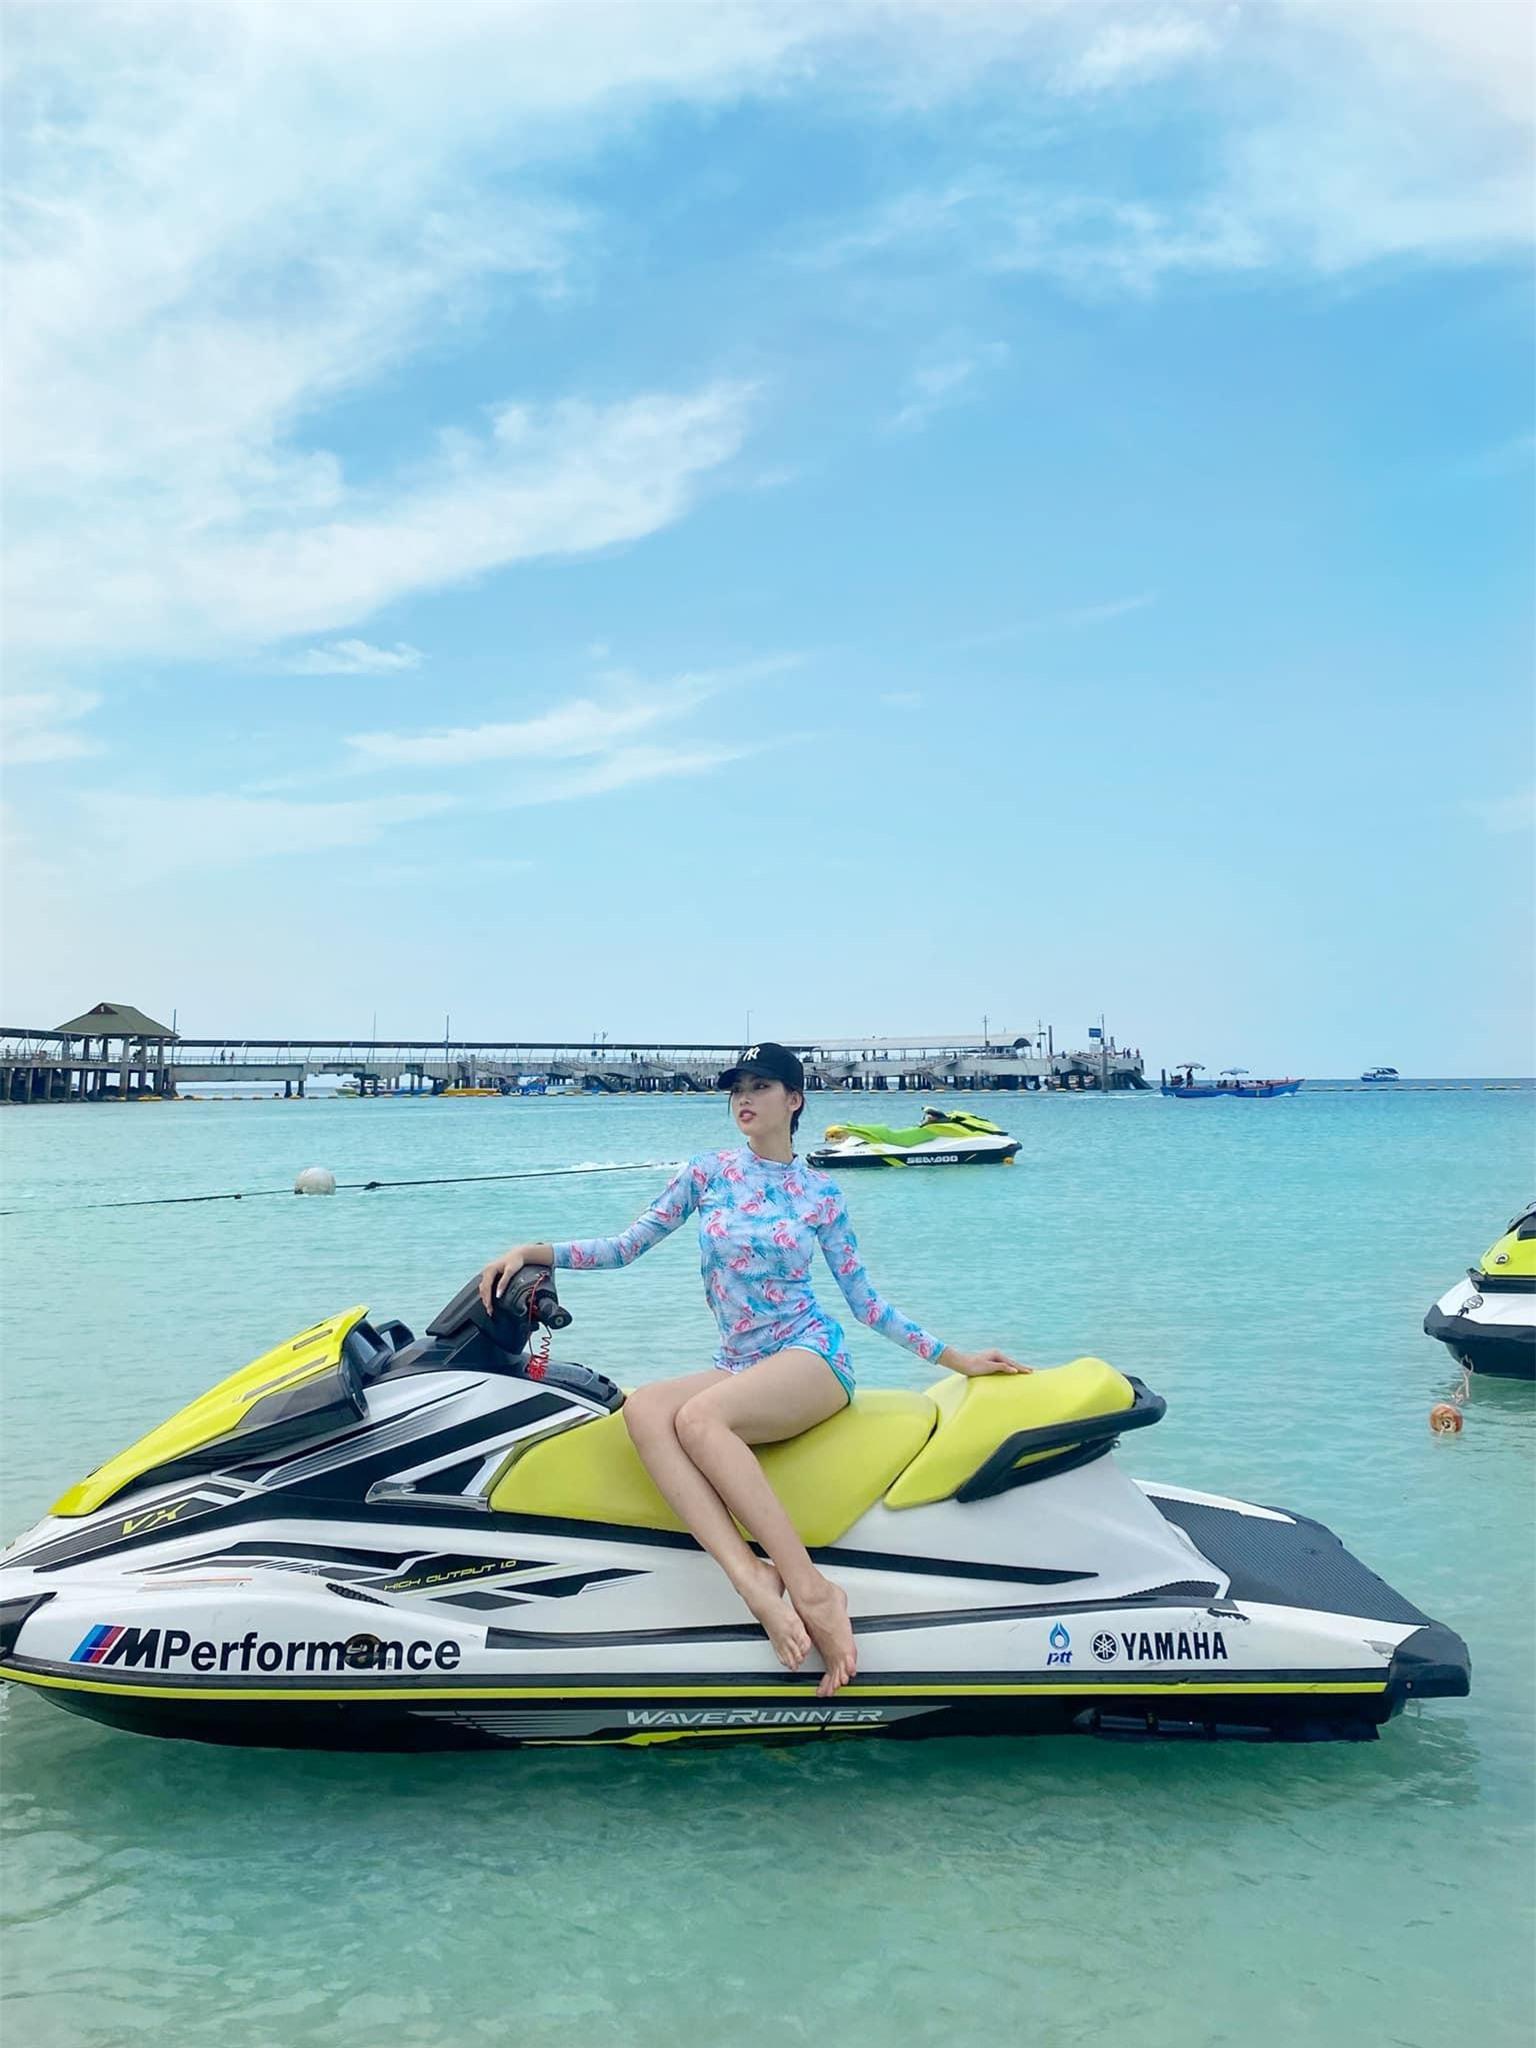 Ngọc Thảo và Hoa hậu Lào mặc đồ đôi, khoe chân dài miên man trên biển Thái Lan ảnh 8